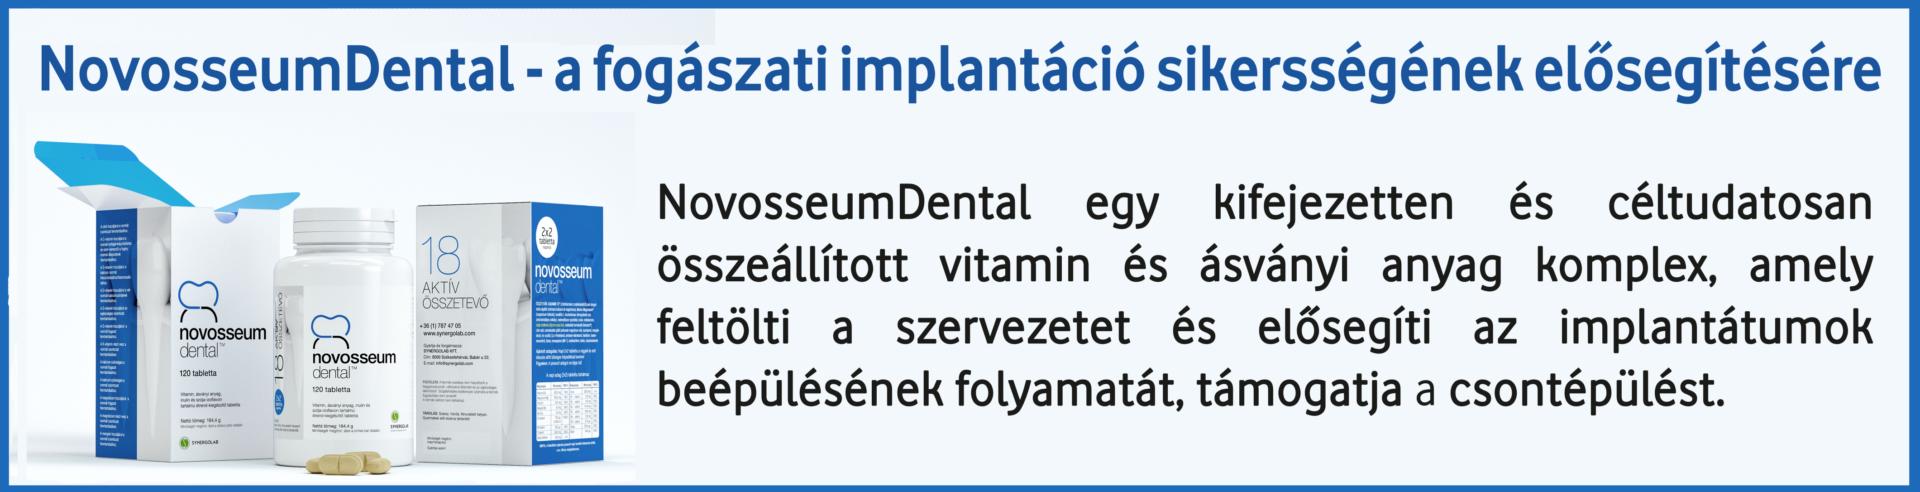 NOD Novosseum Dental a fogászati implantációt elősegítő vitamin és ásványi anyag komplex